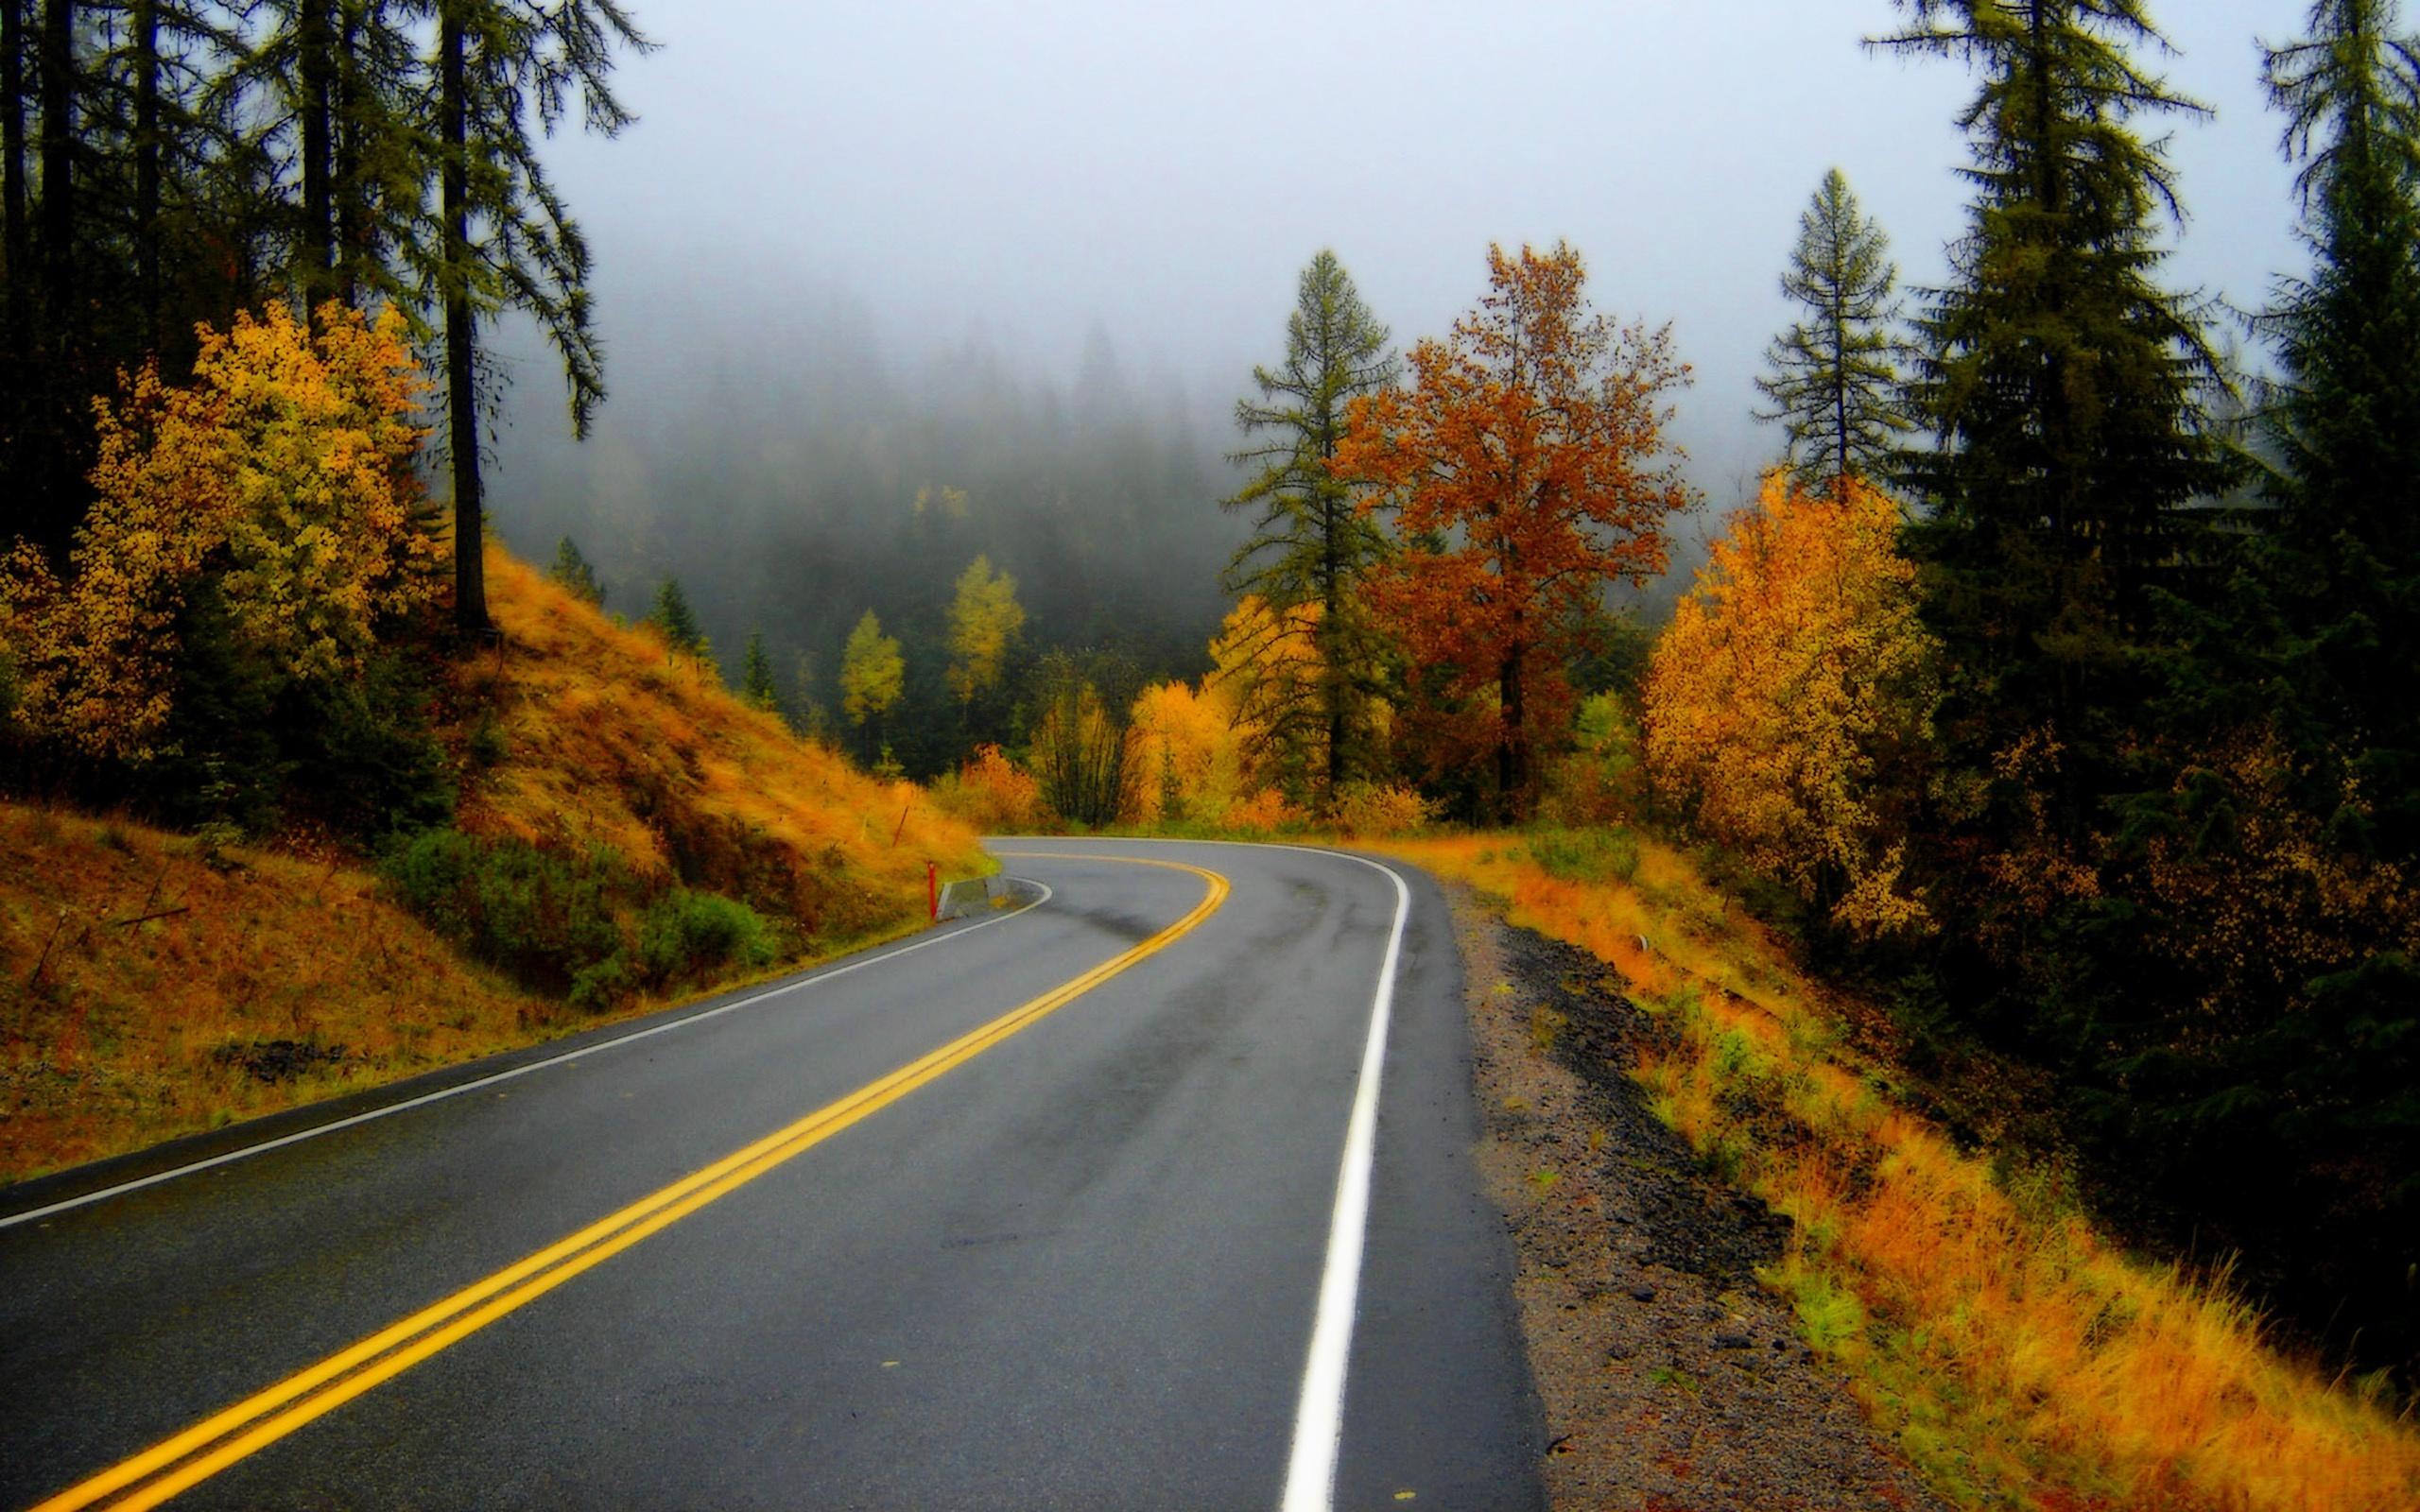 جاده ی مه آلود پاییزی